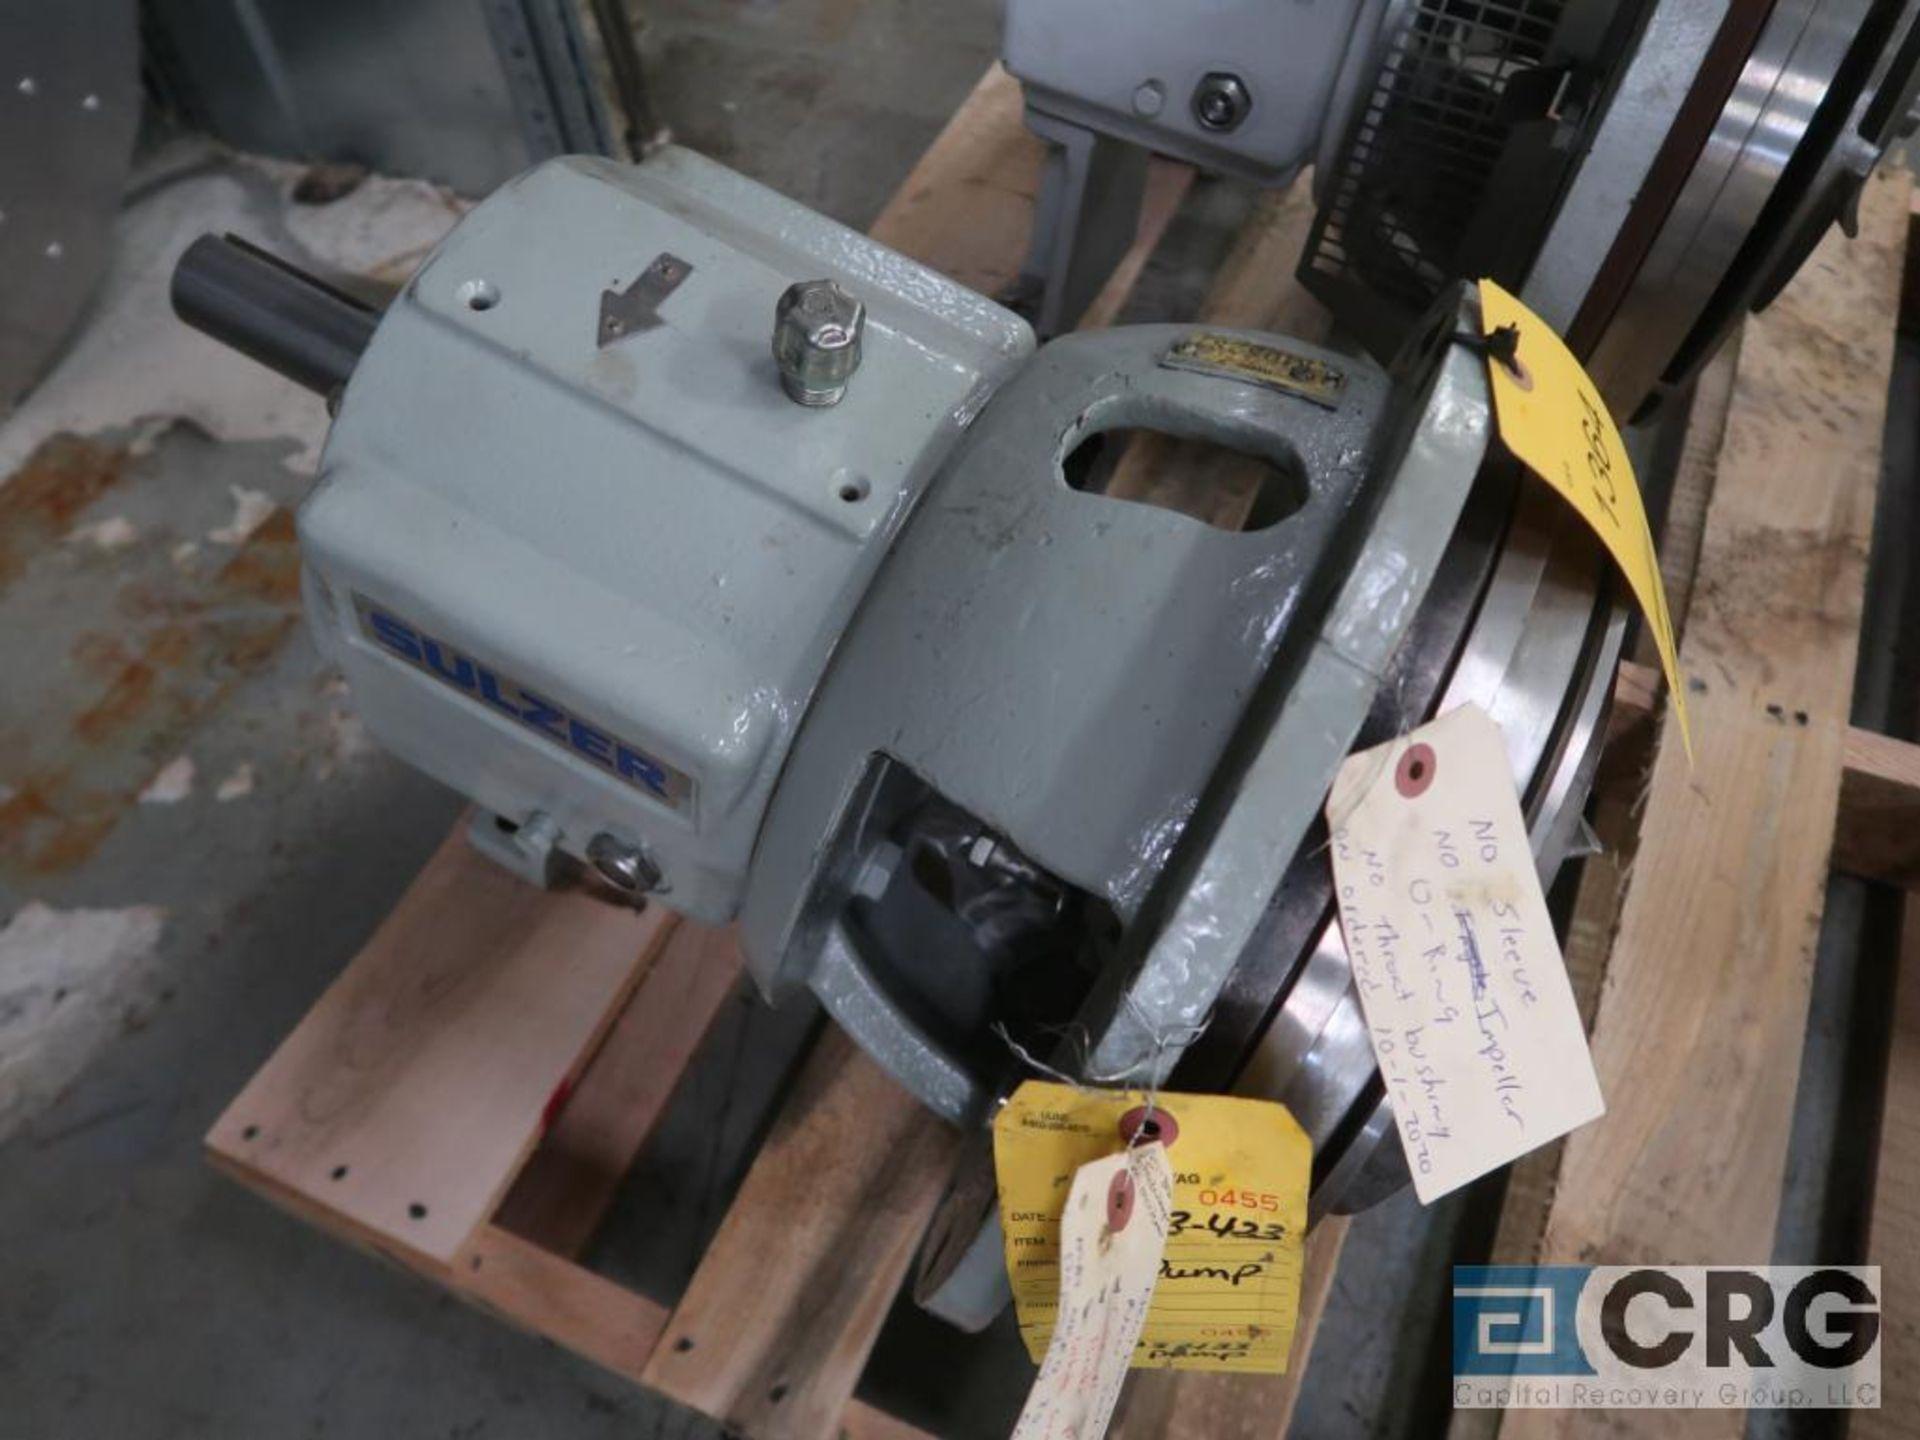 Sulzer APT 22-1A process pump, 10 x 8 x 13 (Basement Stores)